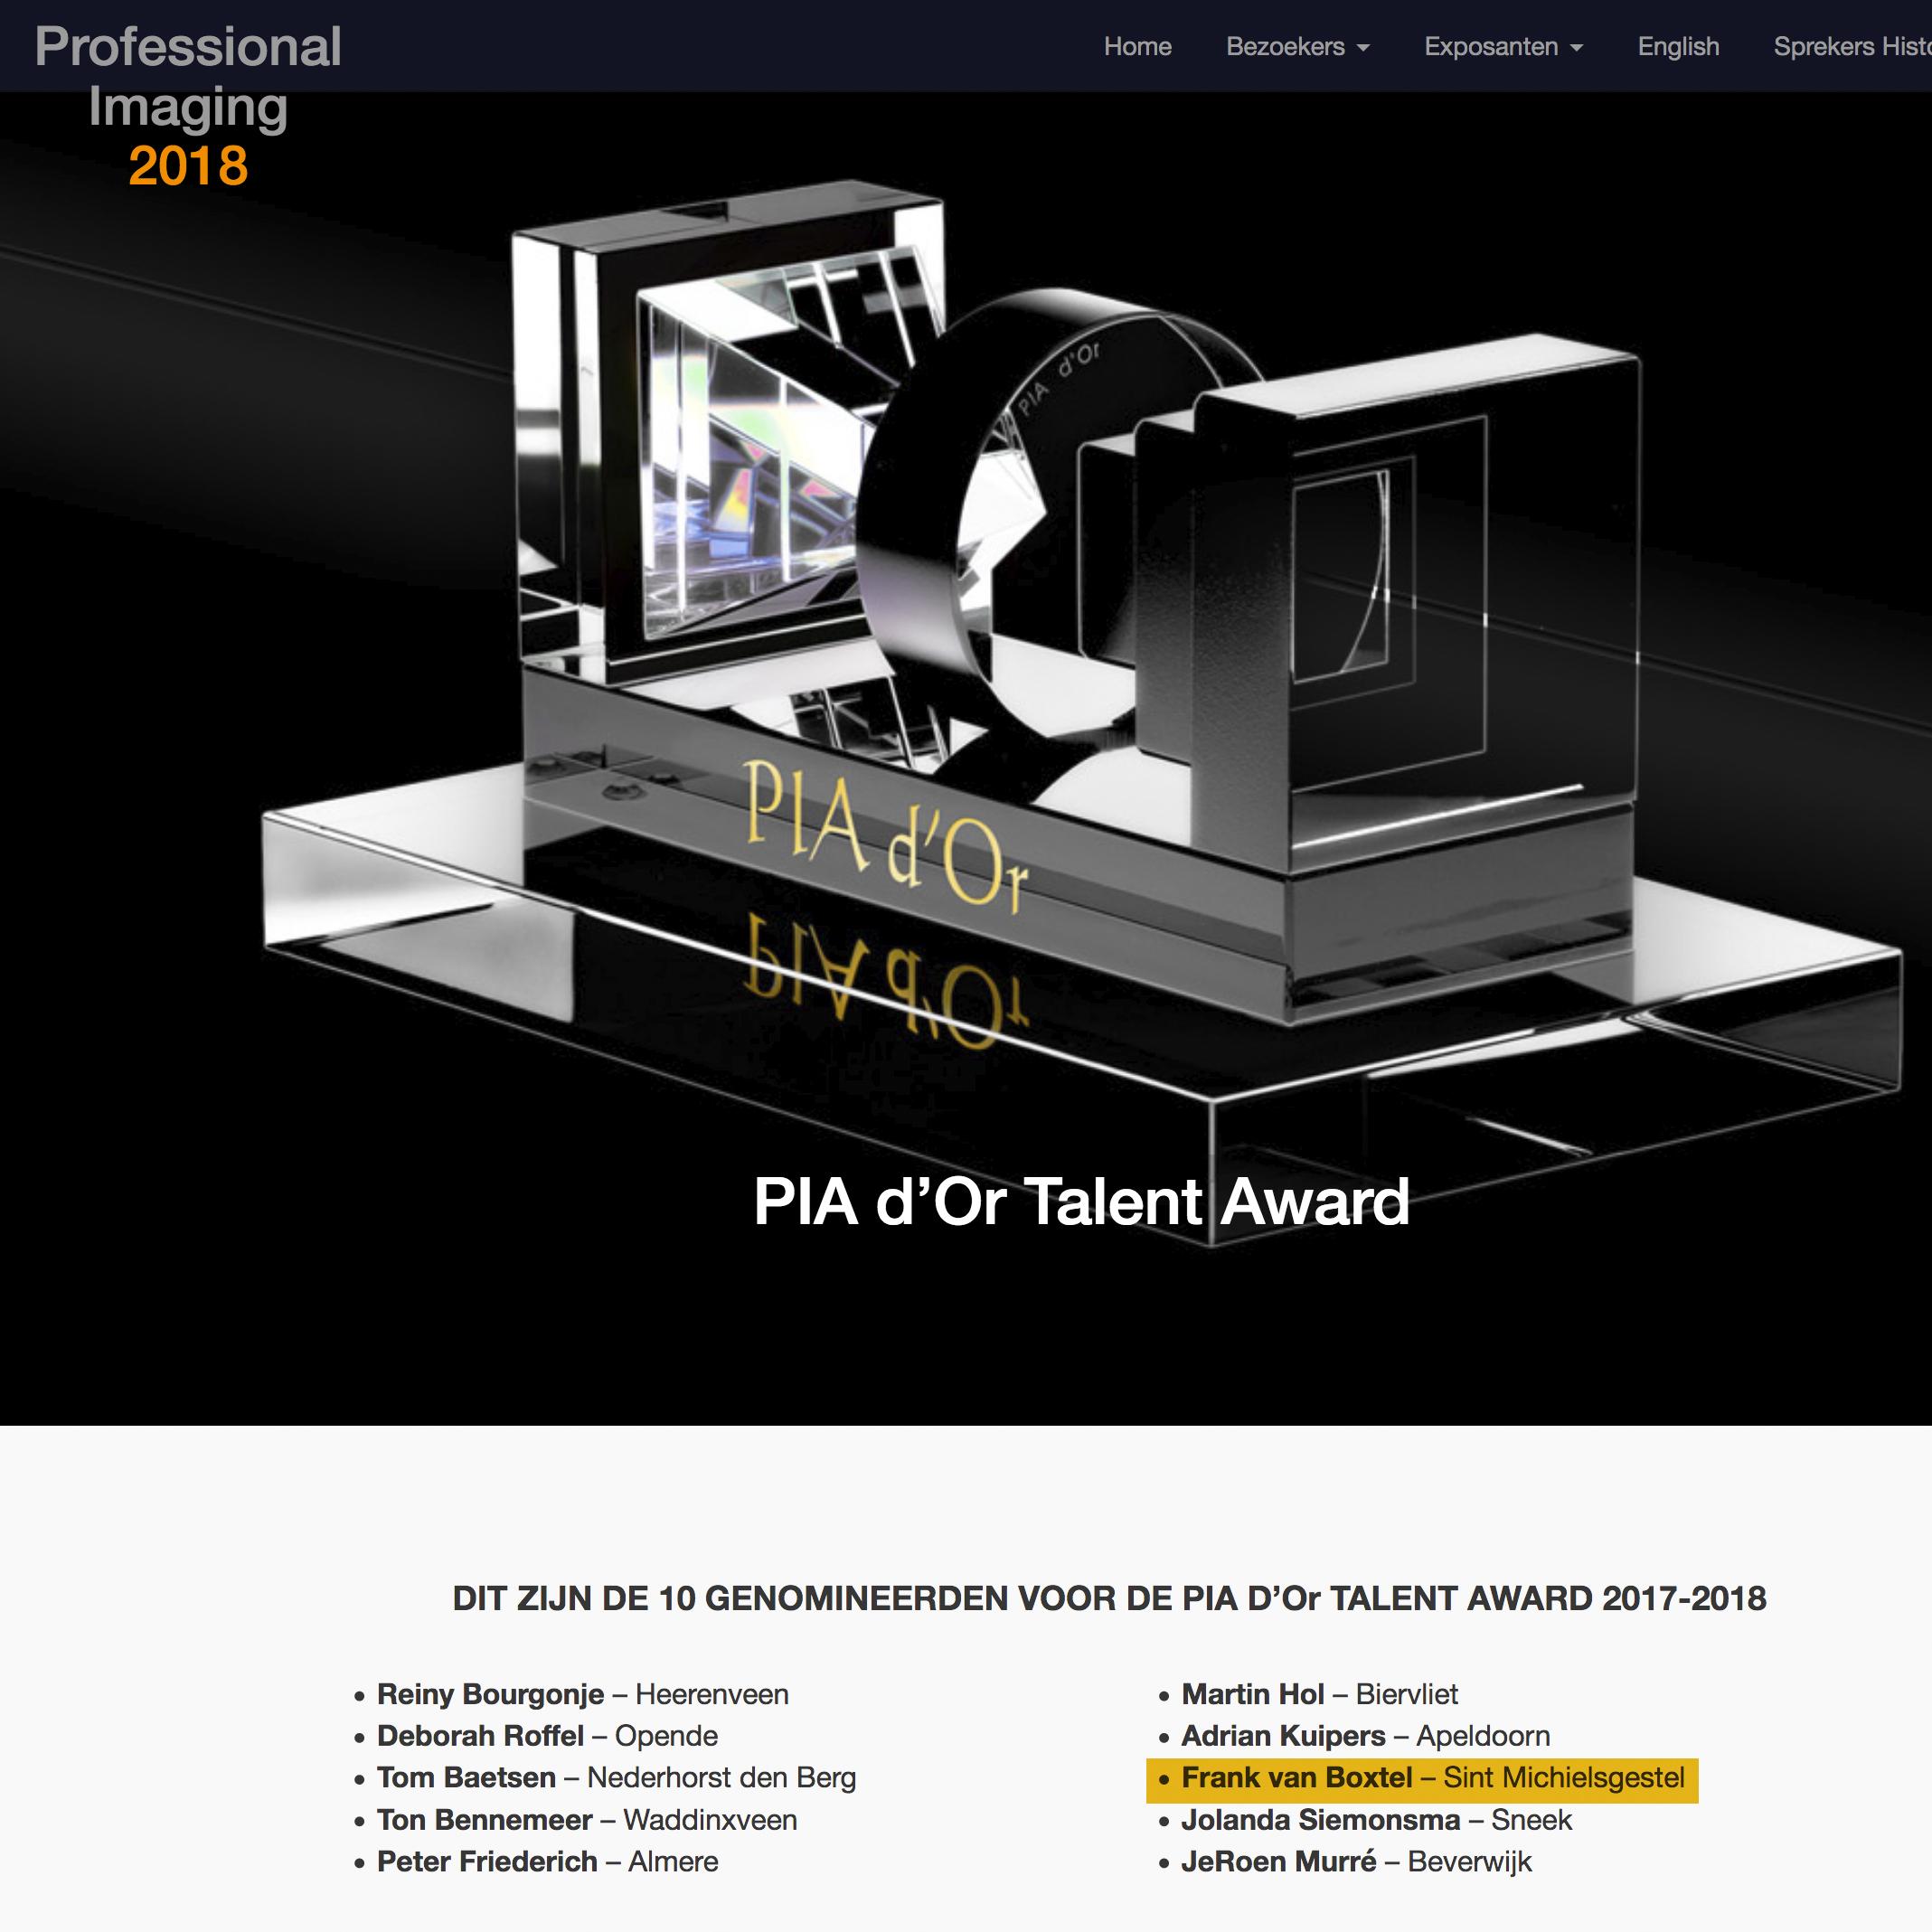 PIA d'Or Award 2017/2018